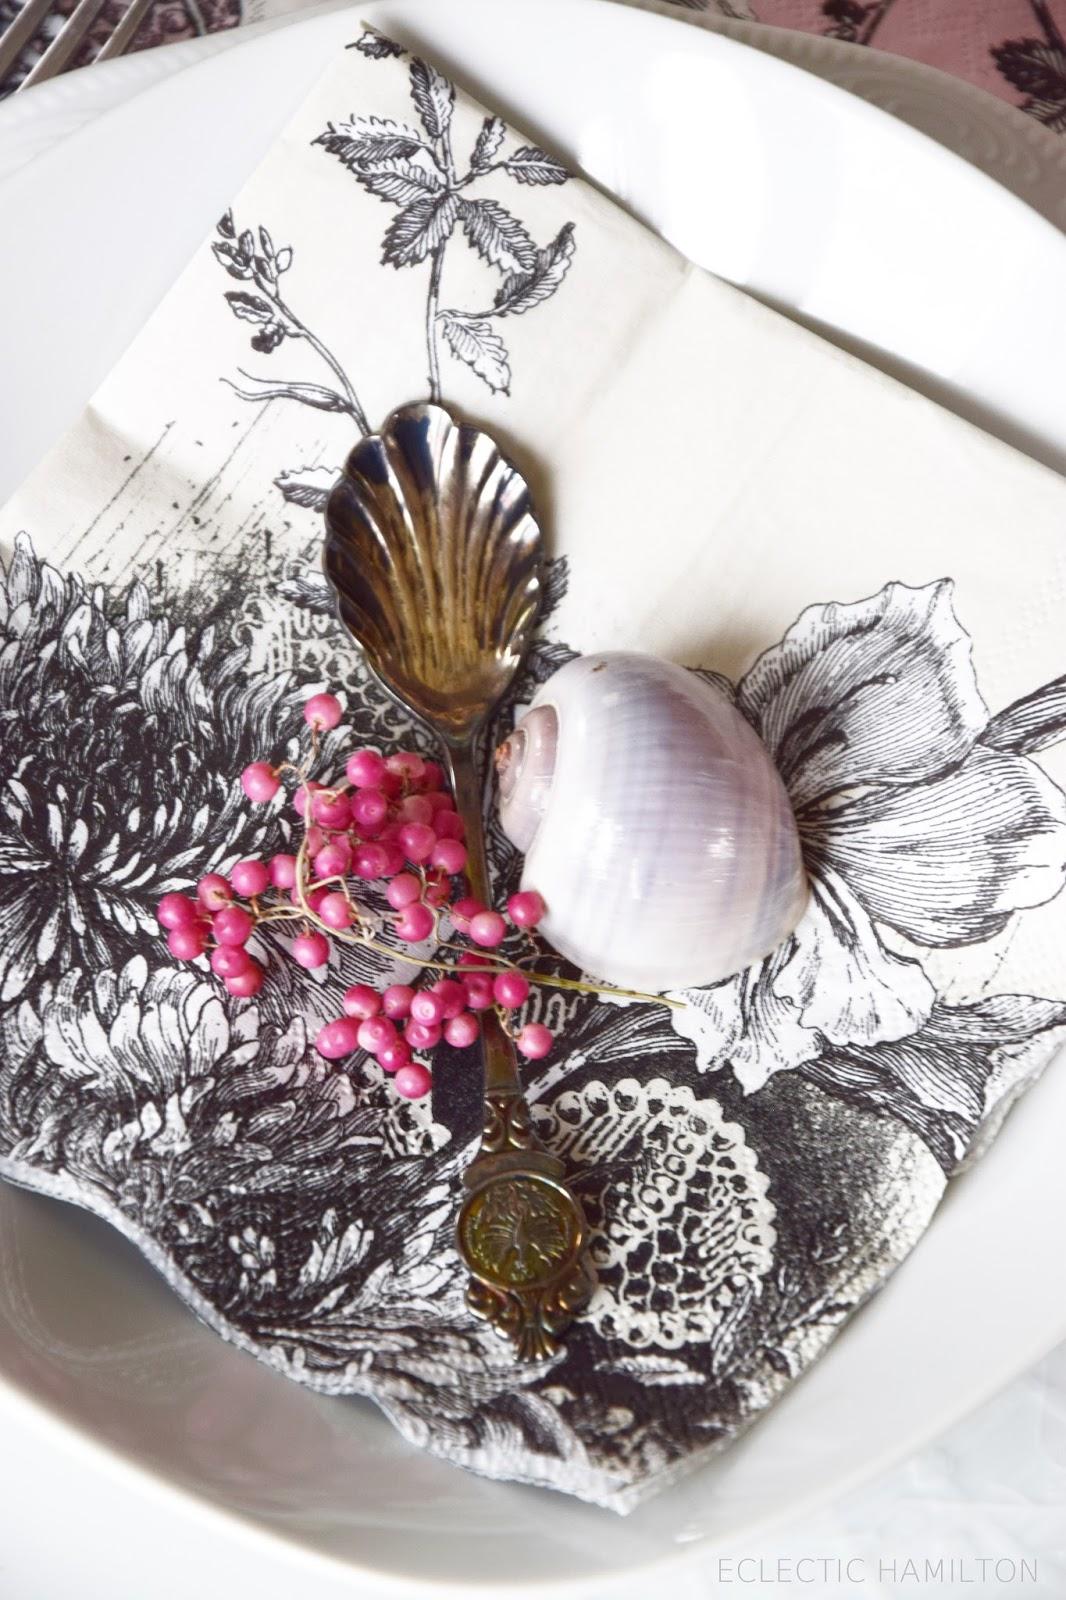 Natürliche Tischdeko mit Moos, Pfefferbeeren, Servietten. Rosa, Pink, Romantisch dekorieren. Deko für den Tisch